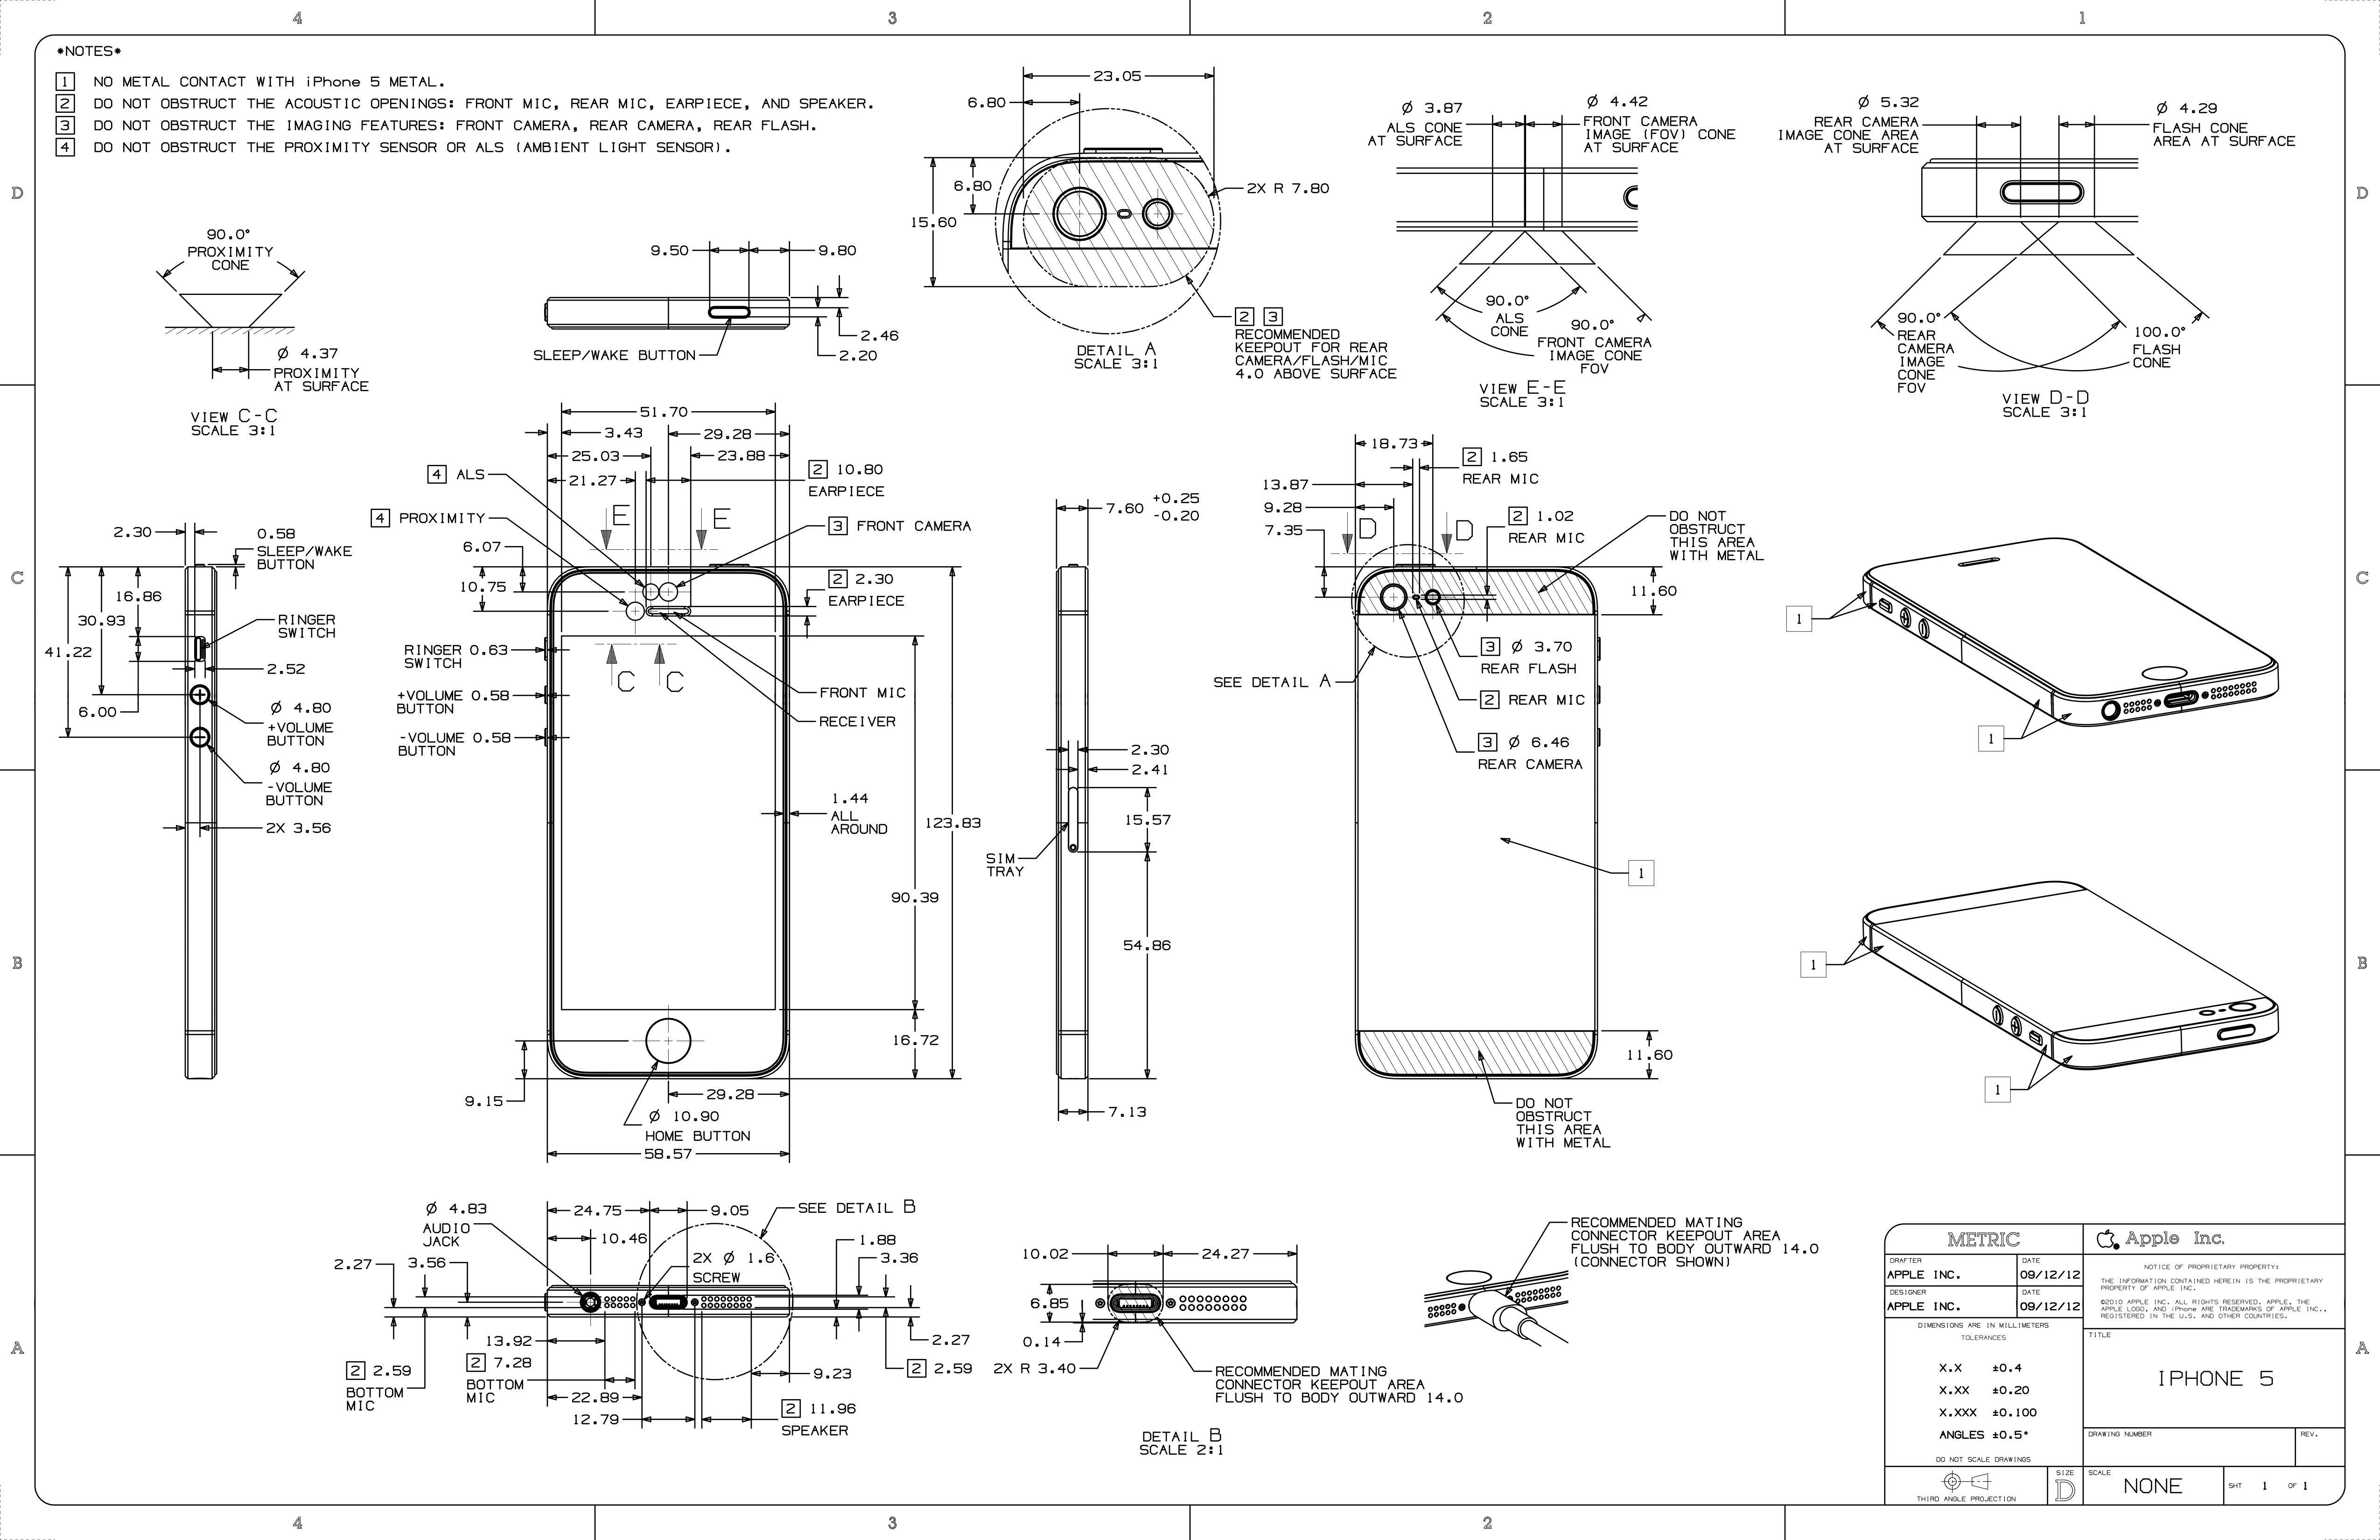 design schematics wiring library rh 6 aboutinnocent org